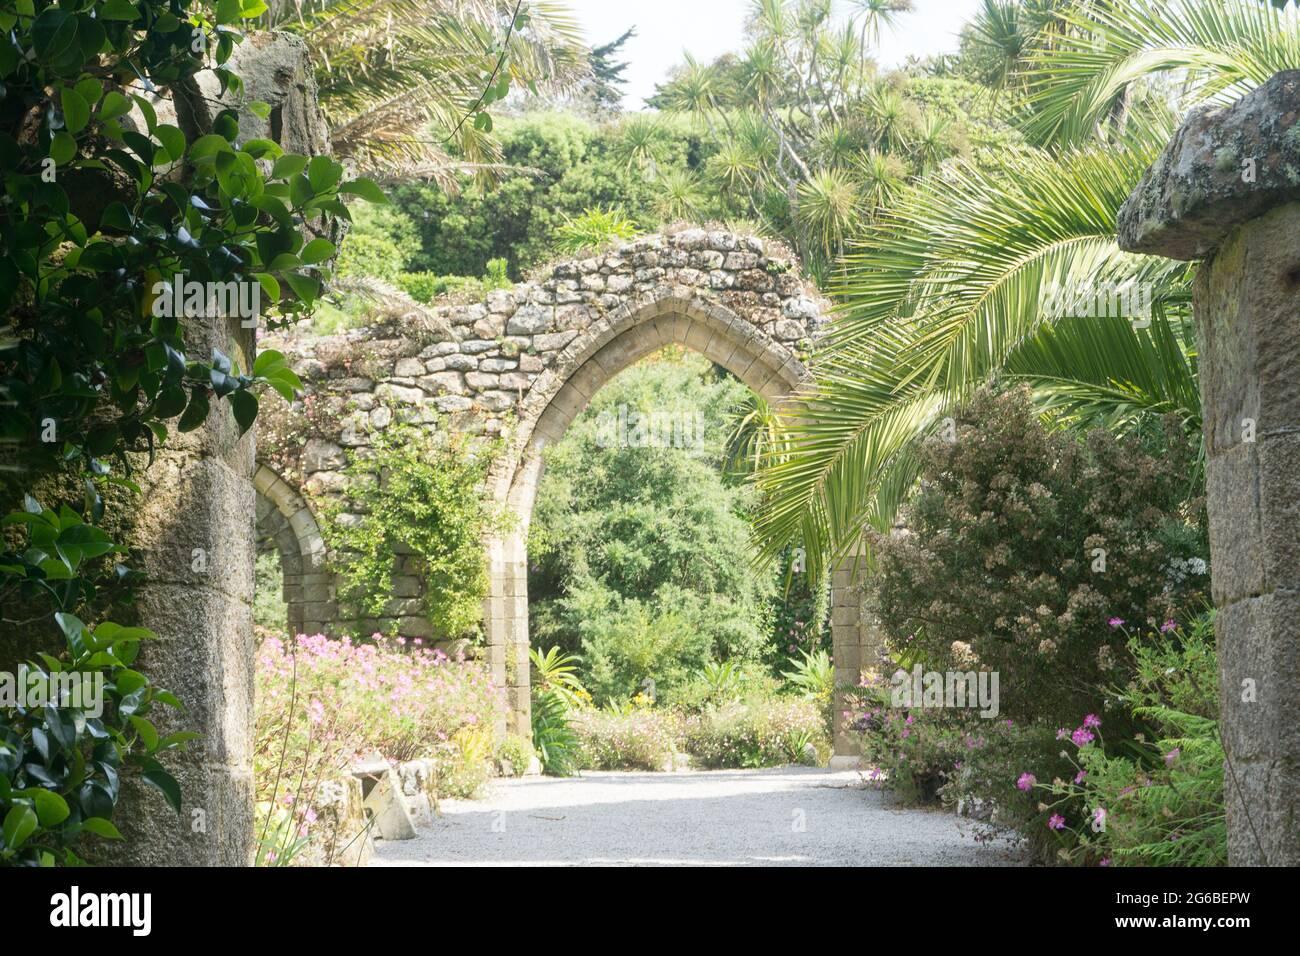 Torbogen der Ruinen der Benediktinerabtei in Abbey Gardens, Tresco, Isles of Scilly, Cornwall, Großbritannien Stockfoto